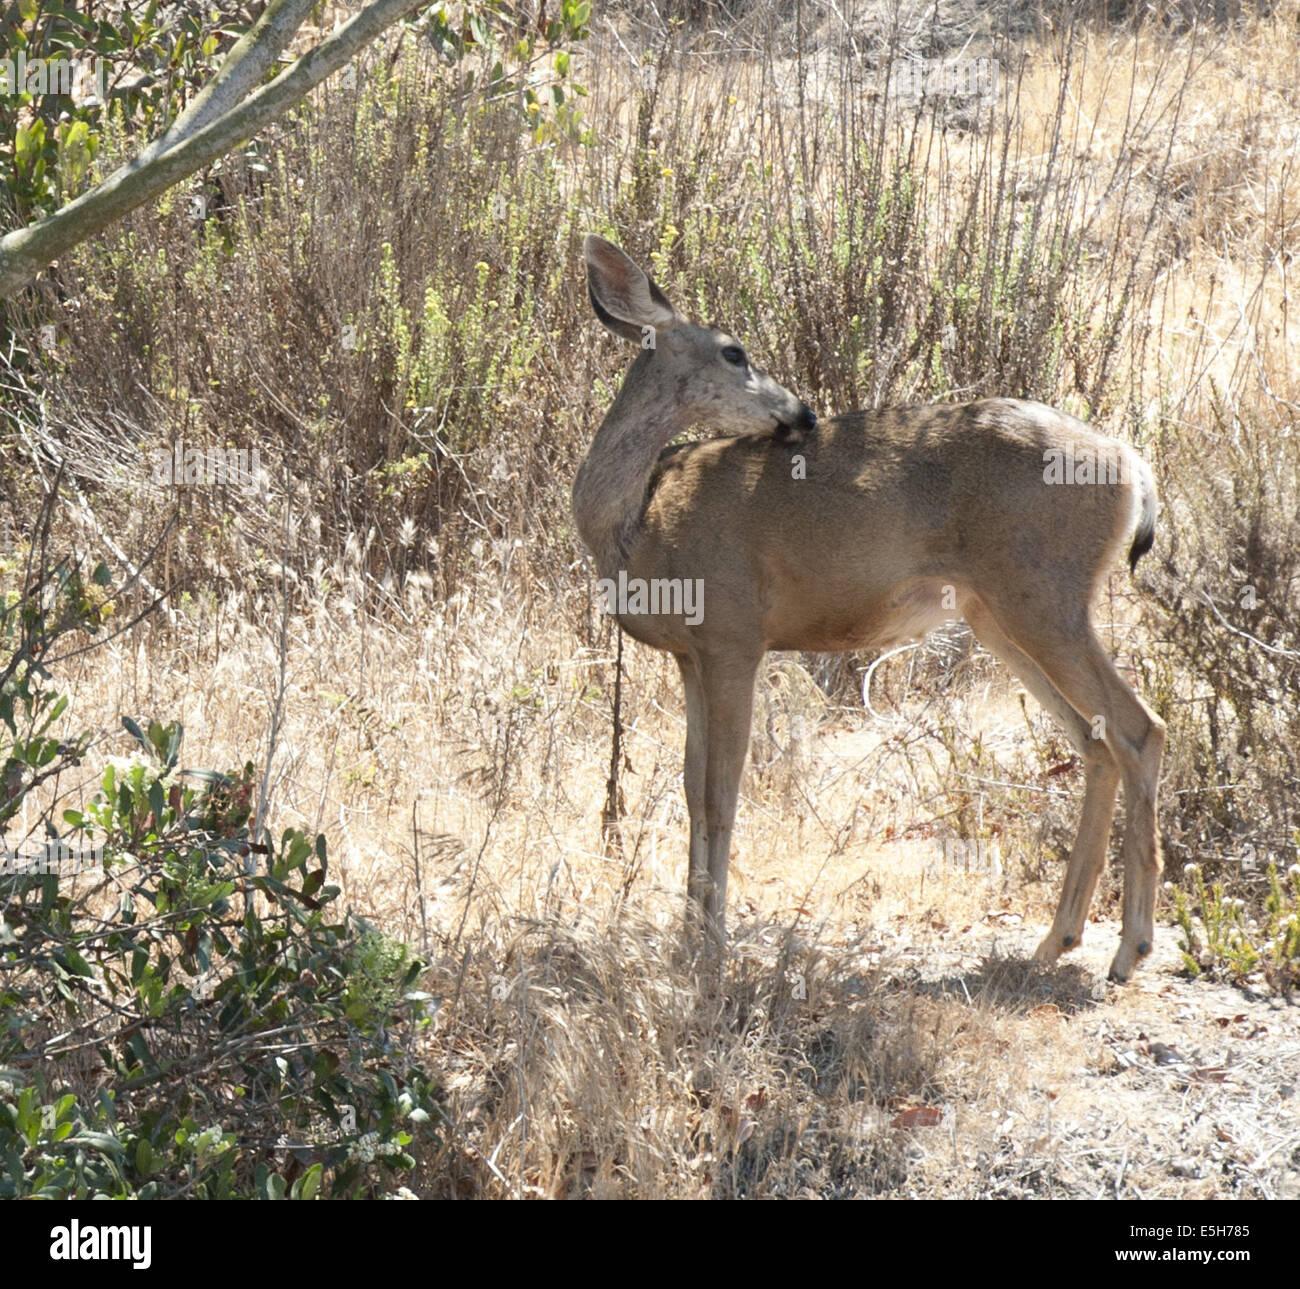 Laguna Beach, California, Stati Uniti d'America. 17 Luglio, 2013. Il California Mule Deer è comune nel nord, centrale e la prateria costiera della California, alimentando sui bassi arbusti, erbe e bacche. Il California Mule Deer è distinguibile per la sua grande e lunga mulo come le orecchie e di solito può essere trovato vicino a fonti di acqua come ruscelli, torrenti, laghi e stagni.--------Odocoileus hemionus californicus --- Nella foto, una coppia di Mule Deer potrebbero essere visti lavorare il loro cammino lungo un pendio a El Moro Creek in Crystal Cove Beach State, Orange County. © David Bro/ZUMA filo/Alamy Live News Foto Stock